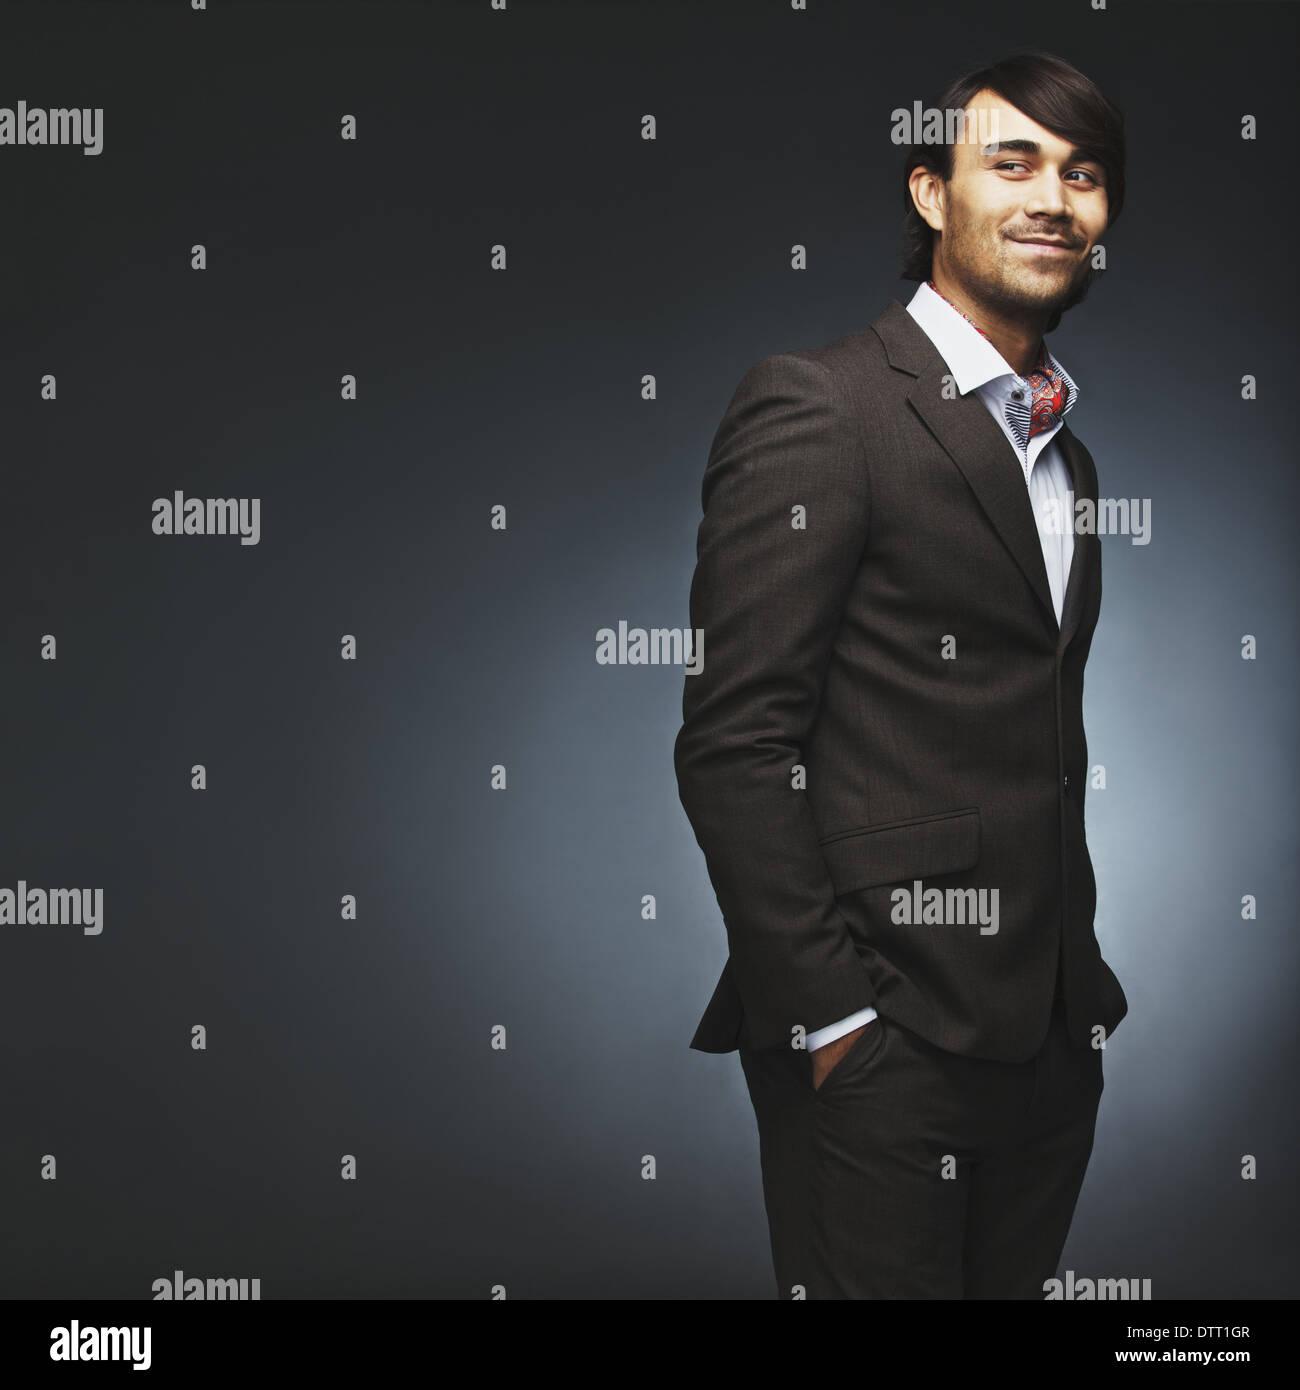 Attraente giovane uomo vestito da indossare in piedi con le mani in tasca guardando sopra la spalla. Bel maschio modello di moda in posa. Immagini Stock